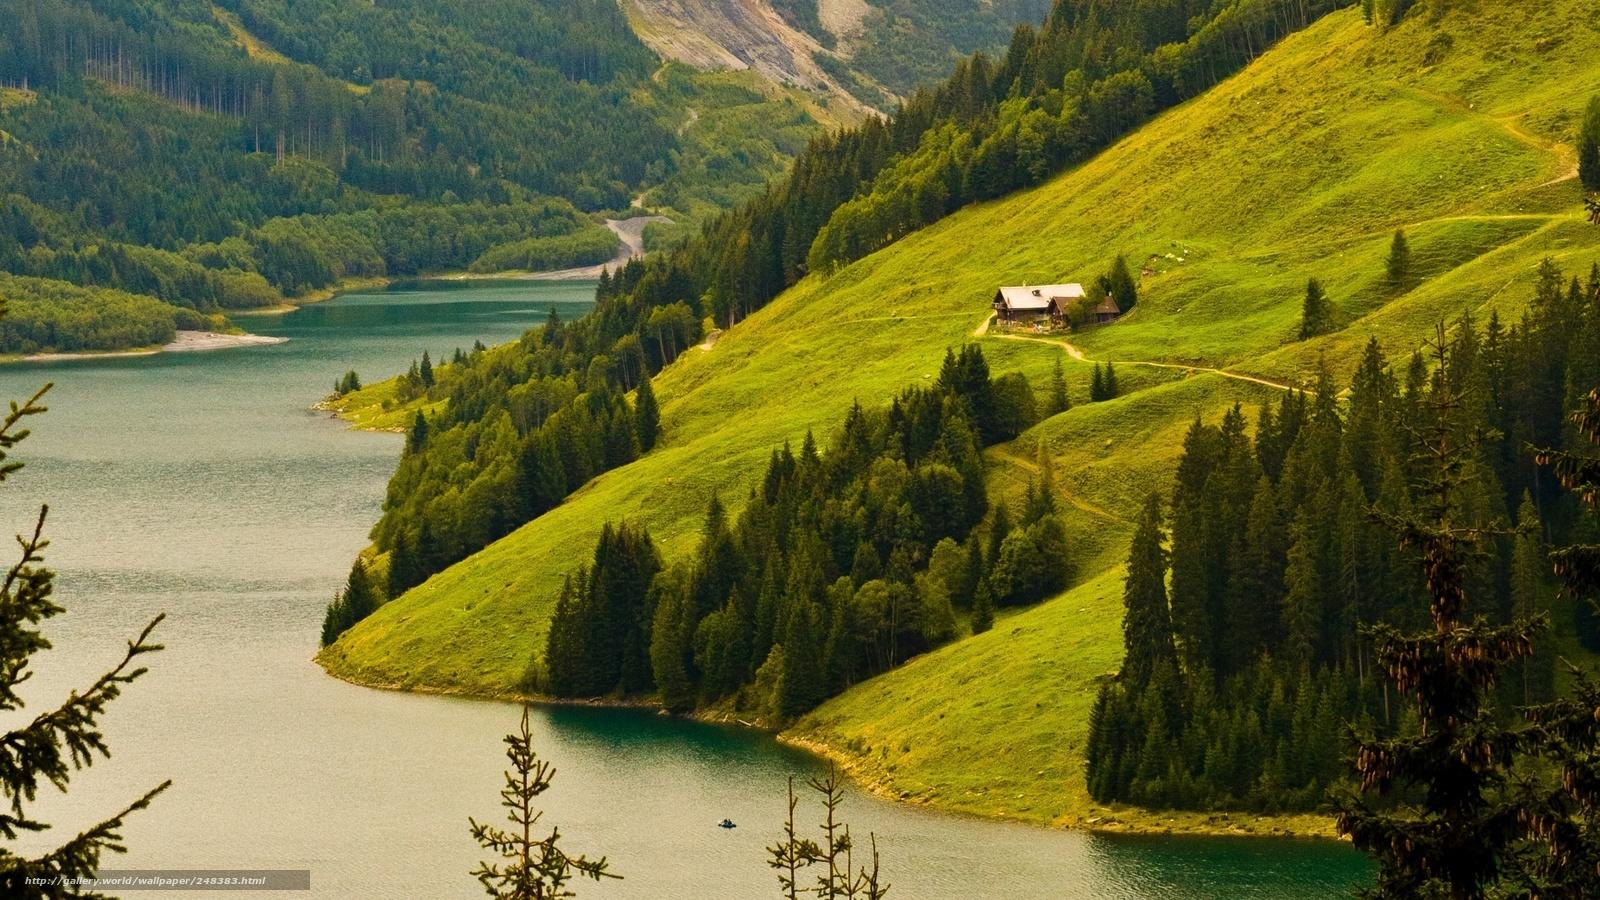 Doğa, manzara, dağlar, tepeler, plajlar, bitkiler, ağaçlar, orman